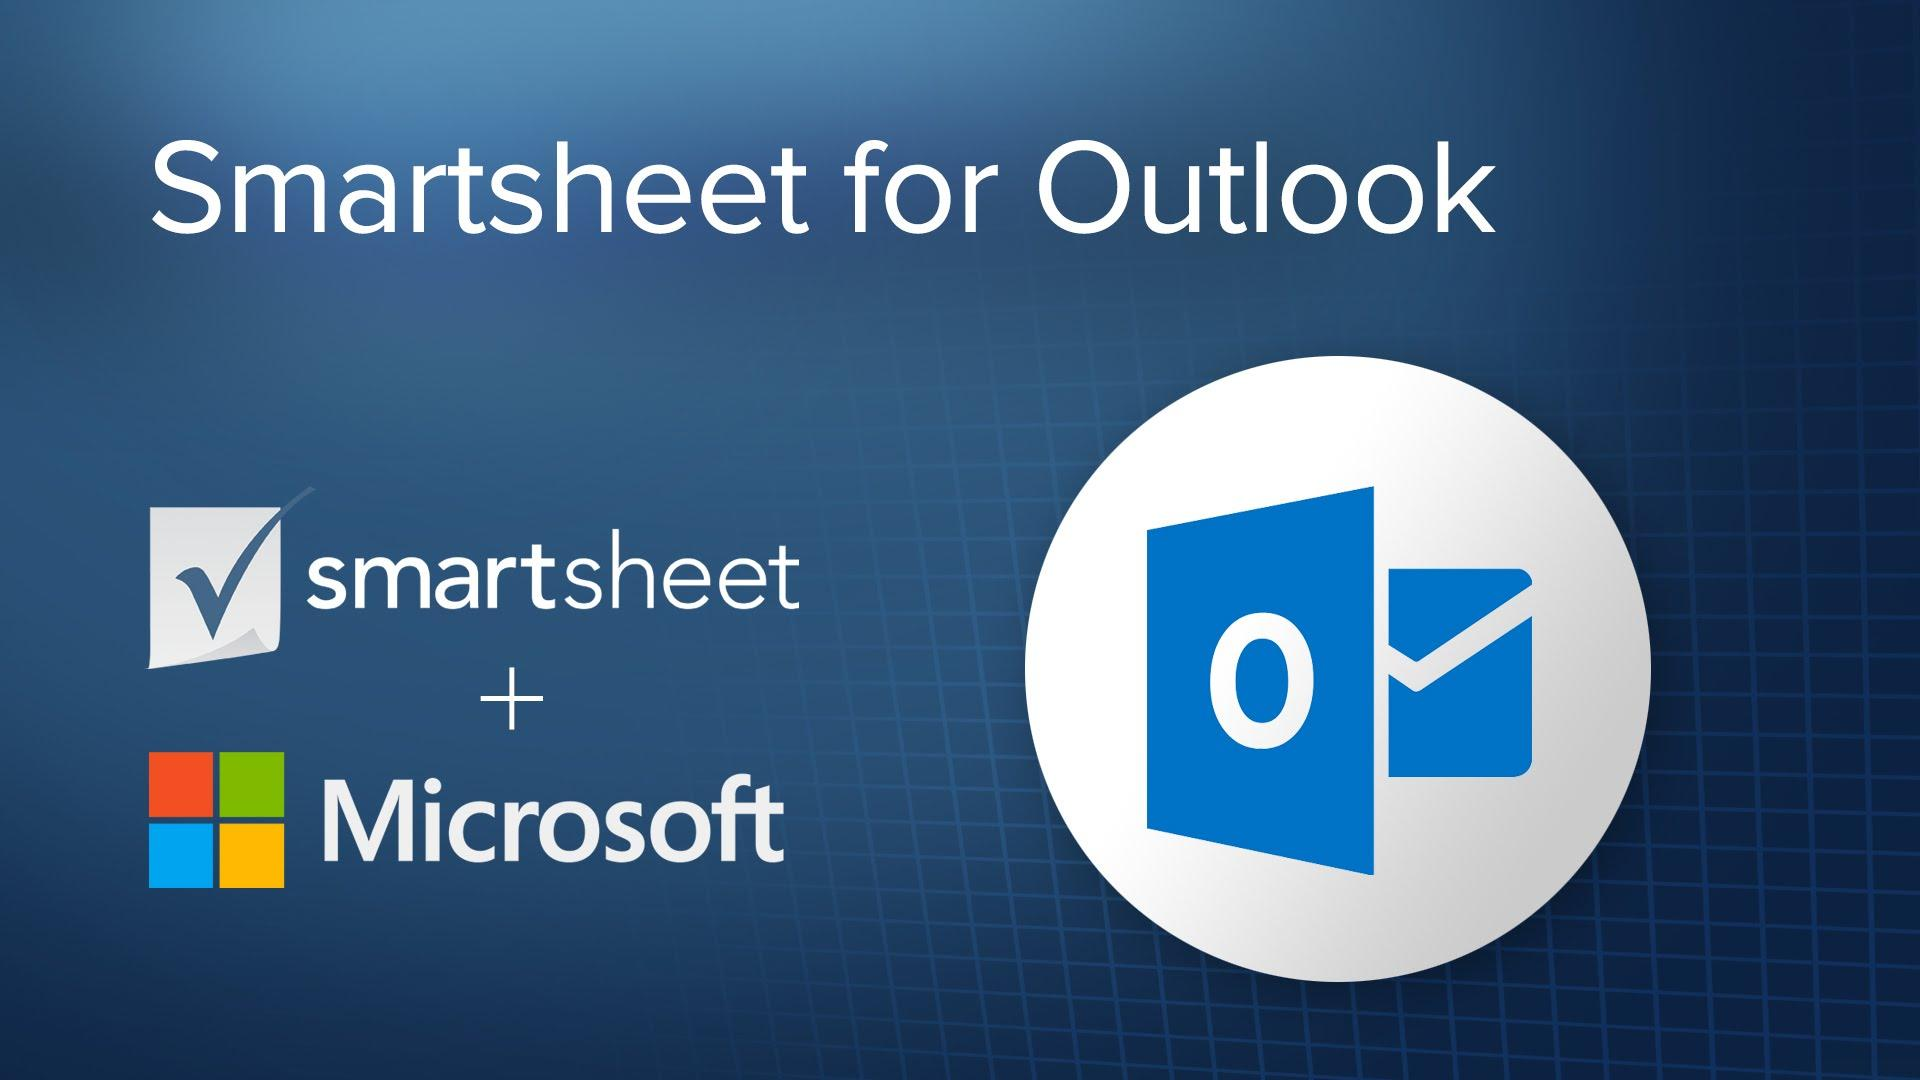 Smartsheet for Outlook